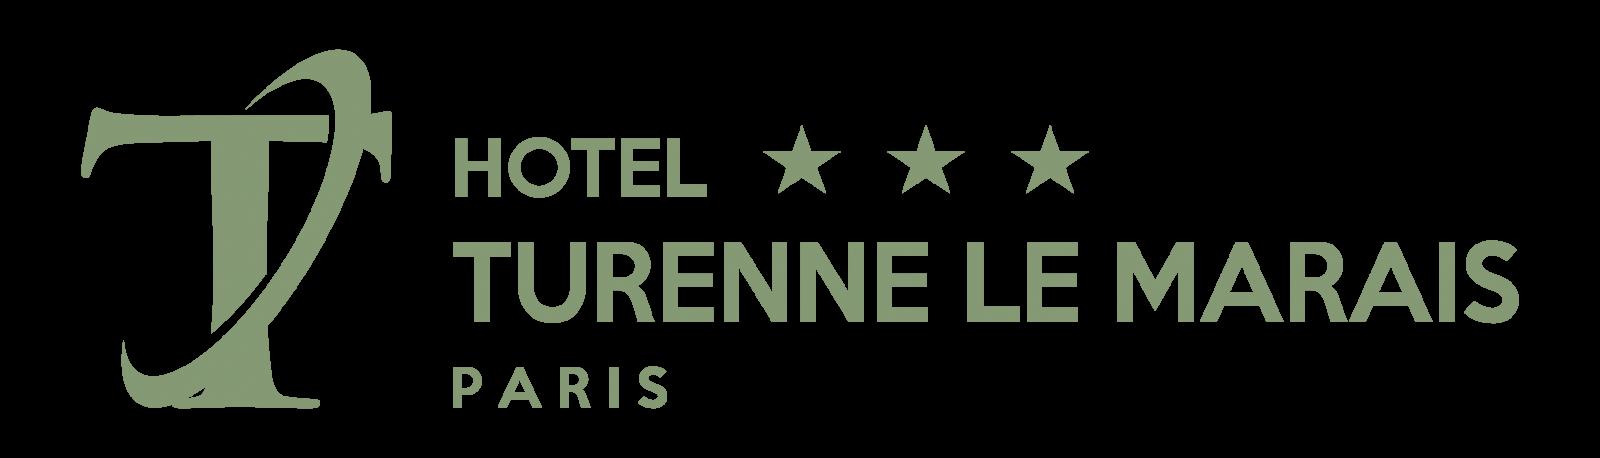 HÔTEL VANEAU SAINT GERMAIN Home page - Hotel Vaneau Saint Germain